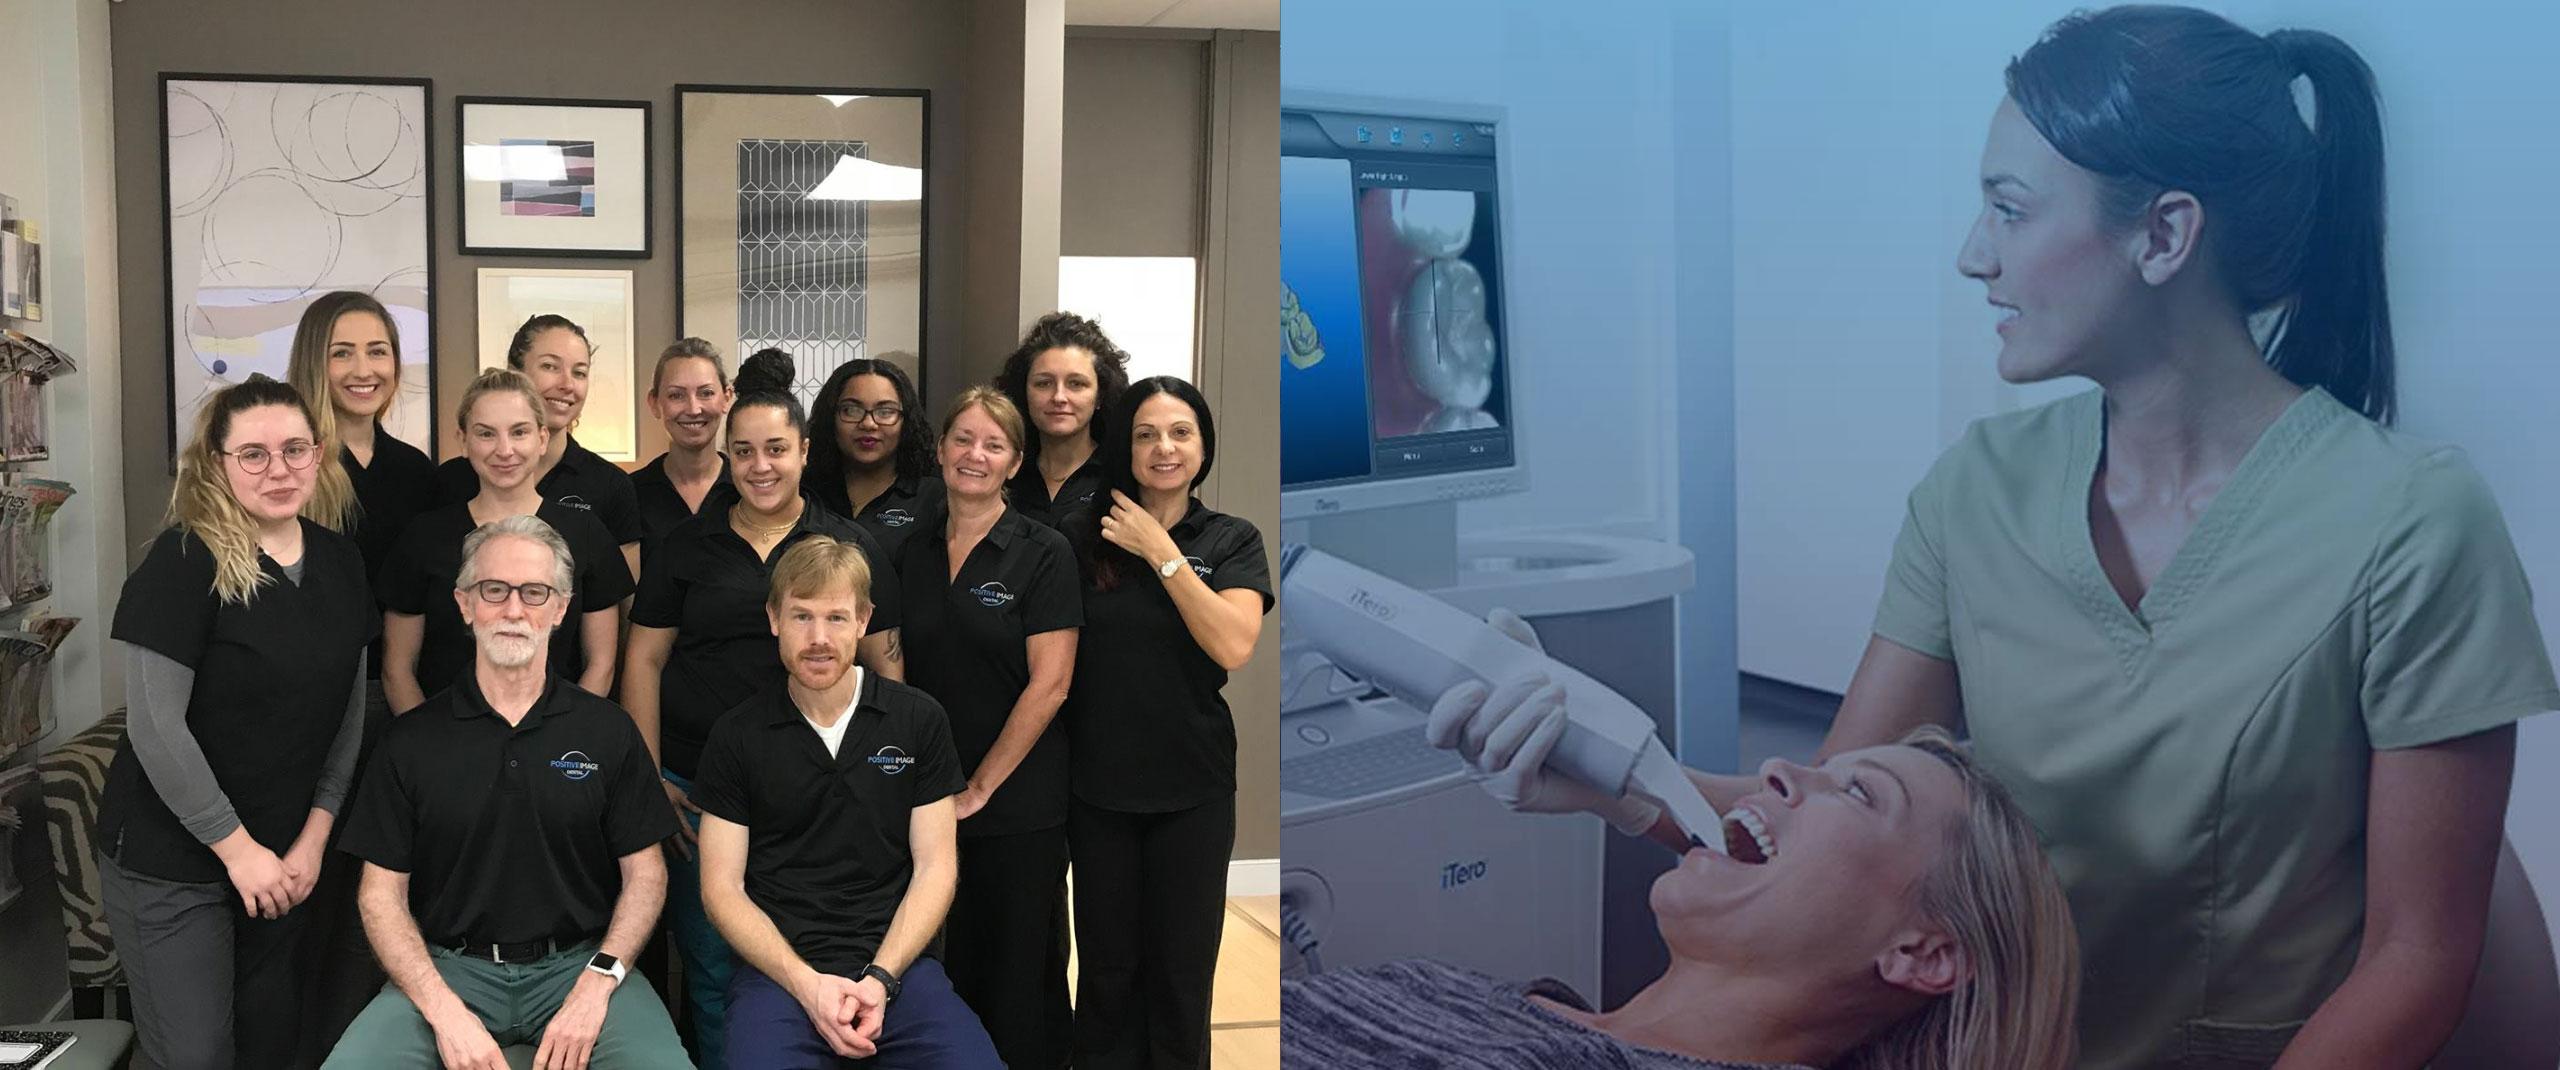 Positive Image Dental team